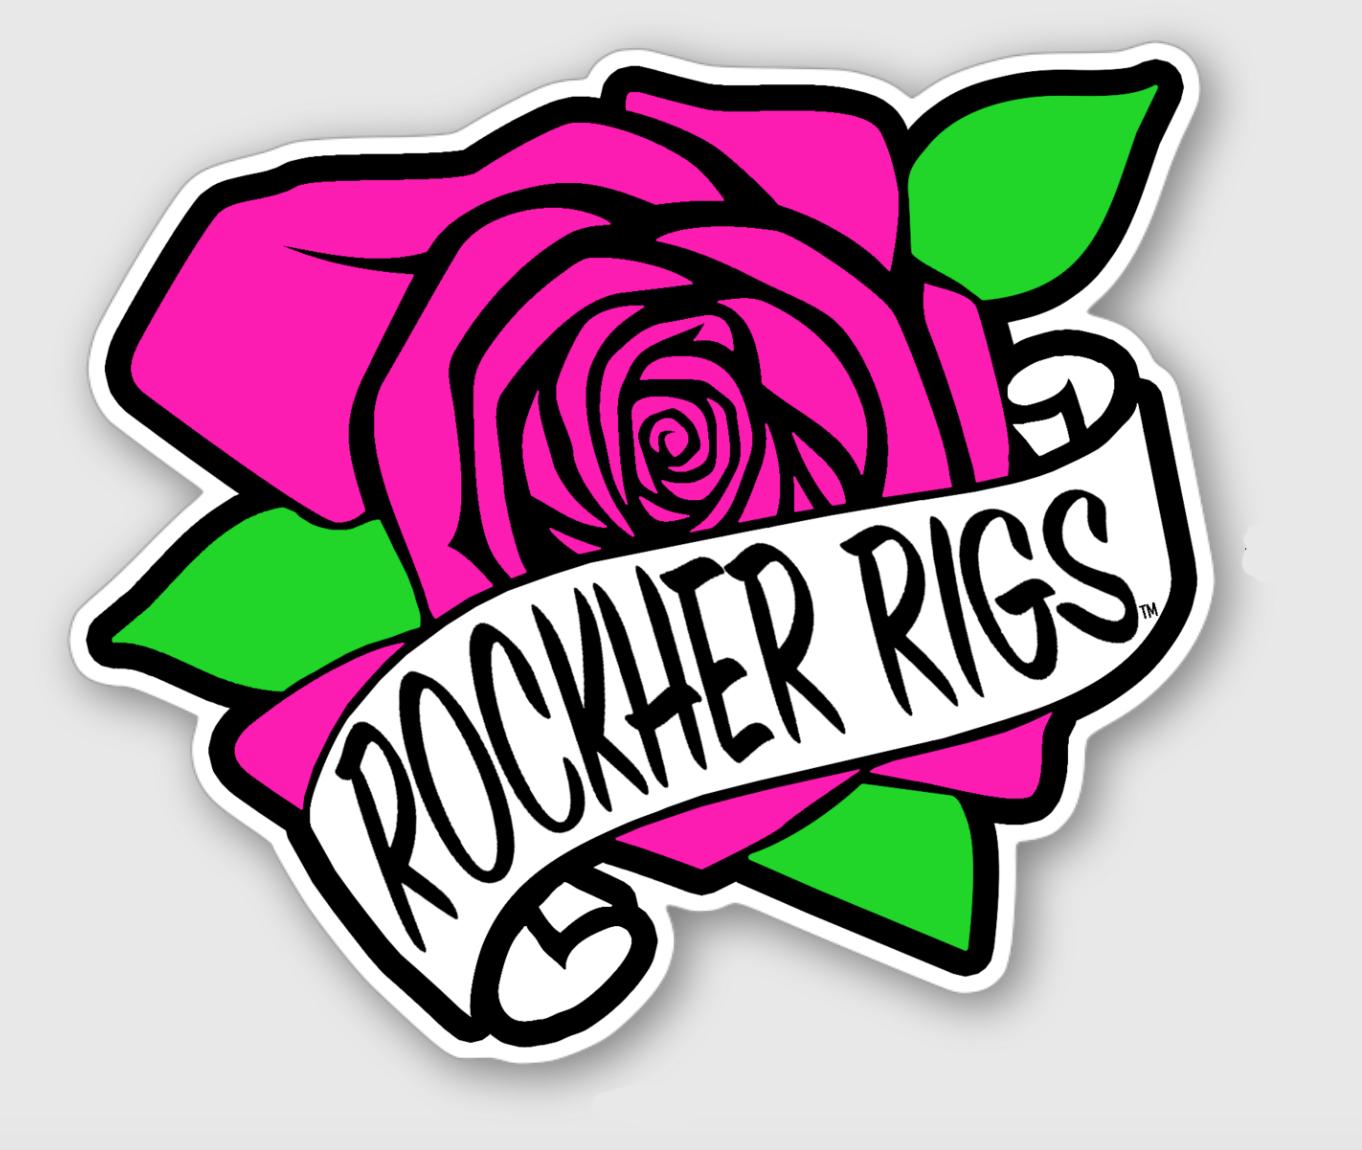 Rockher Rigs Sticker